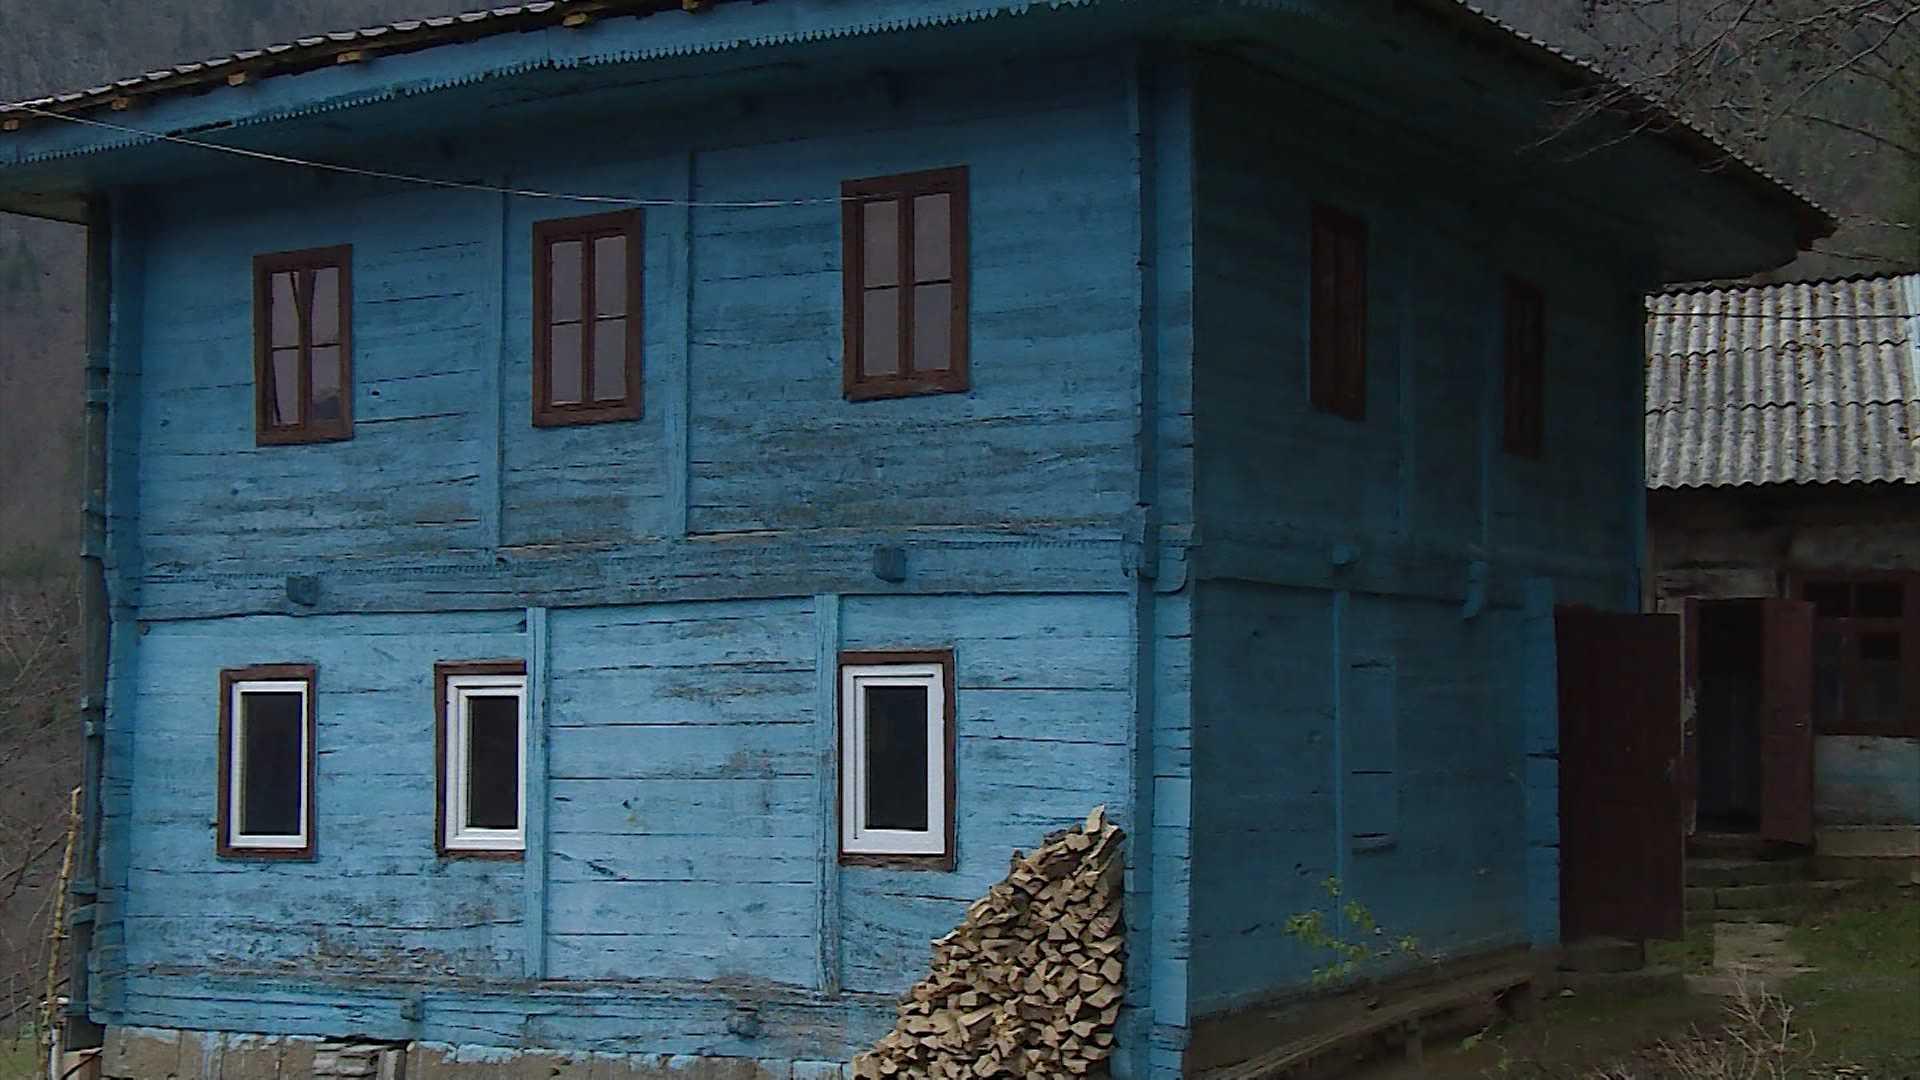 მეტალოპლასტმასის ფანჯრები მე-18 საუკუნის მეჩეთში